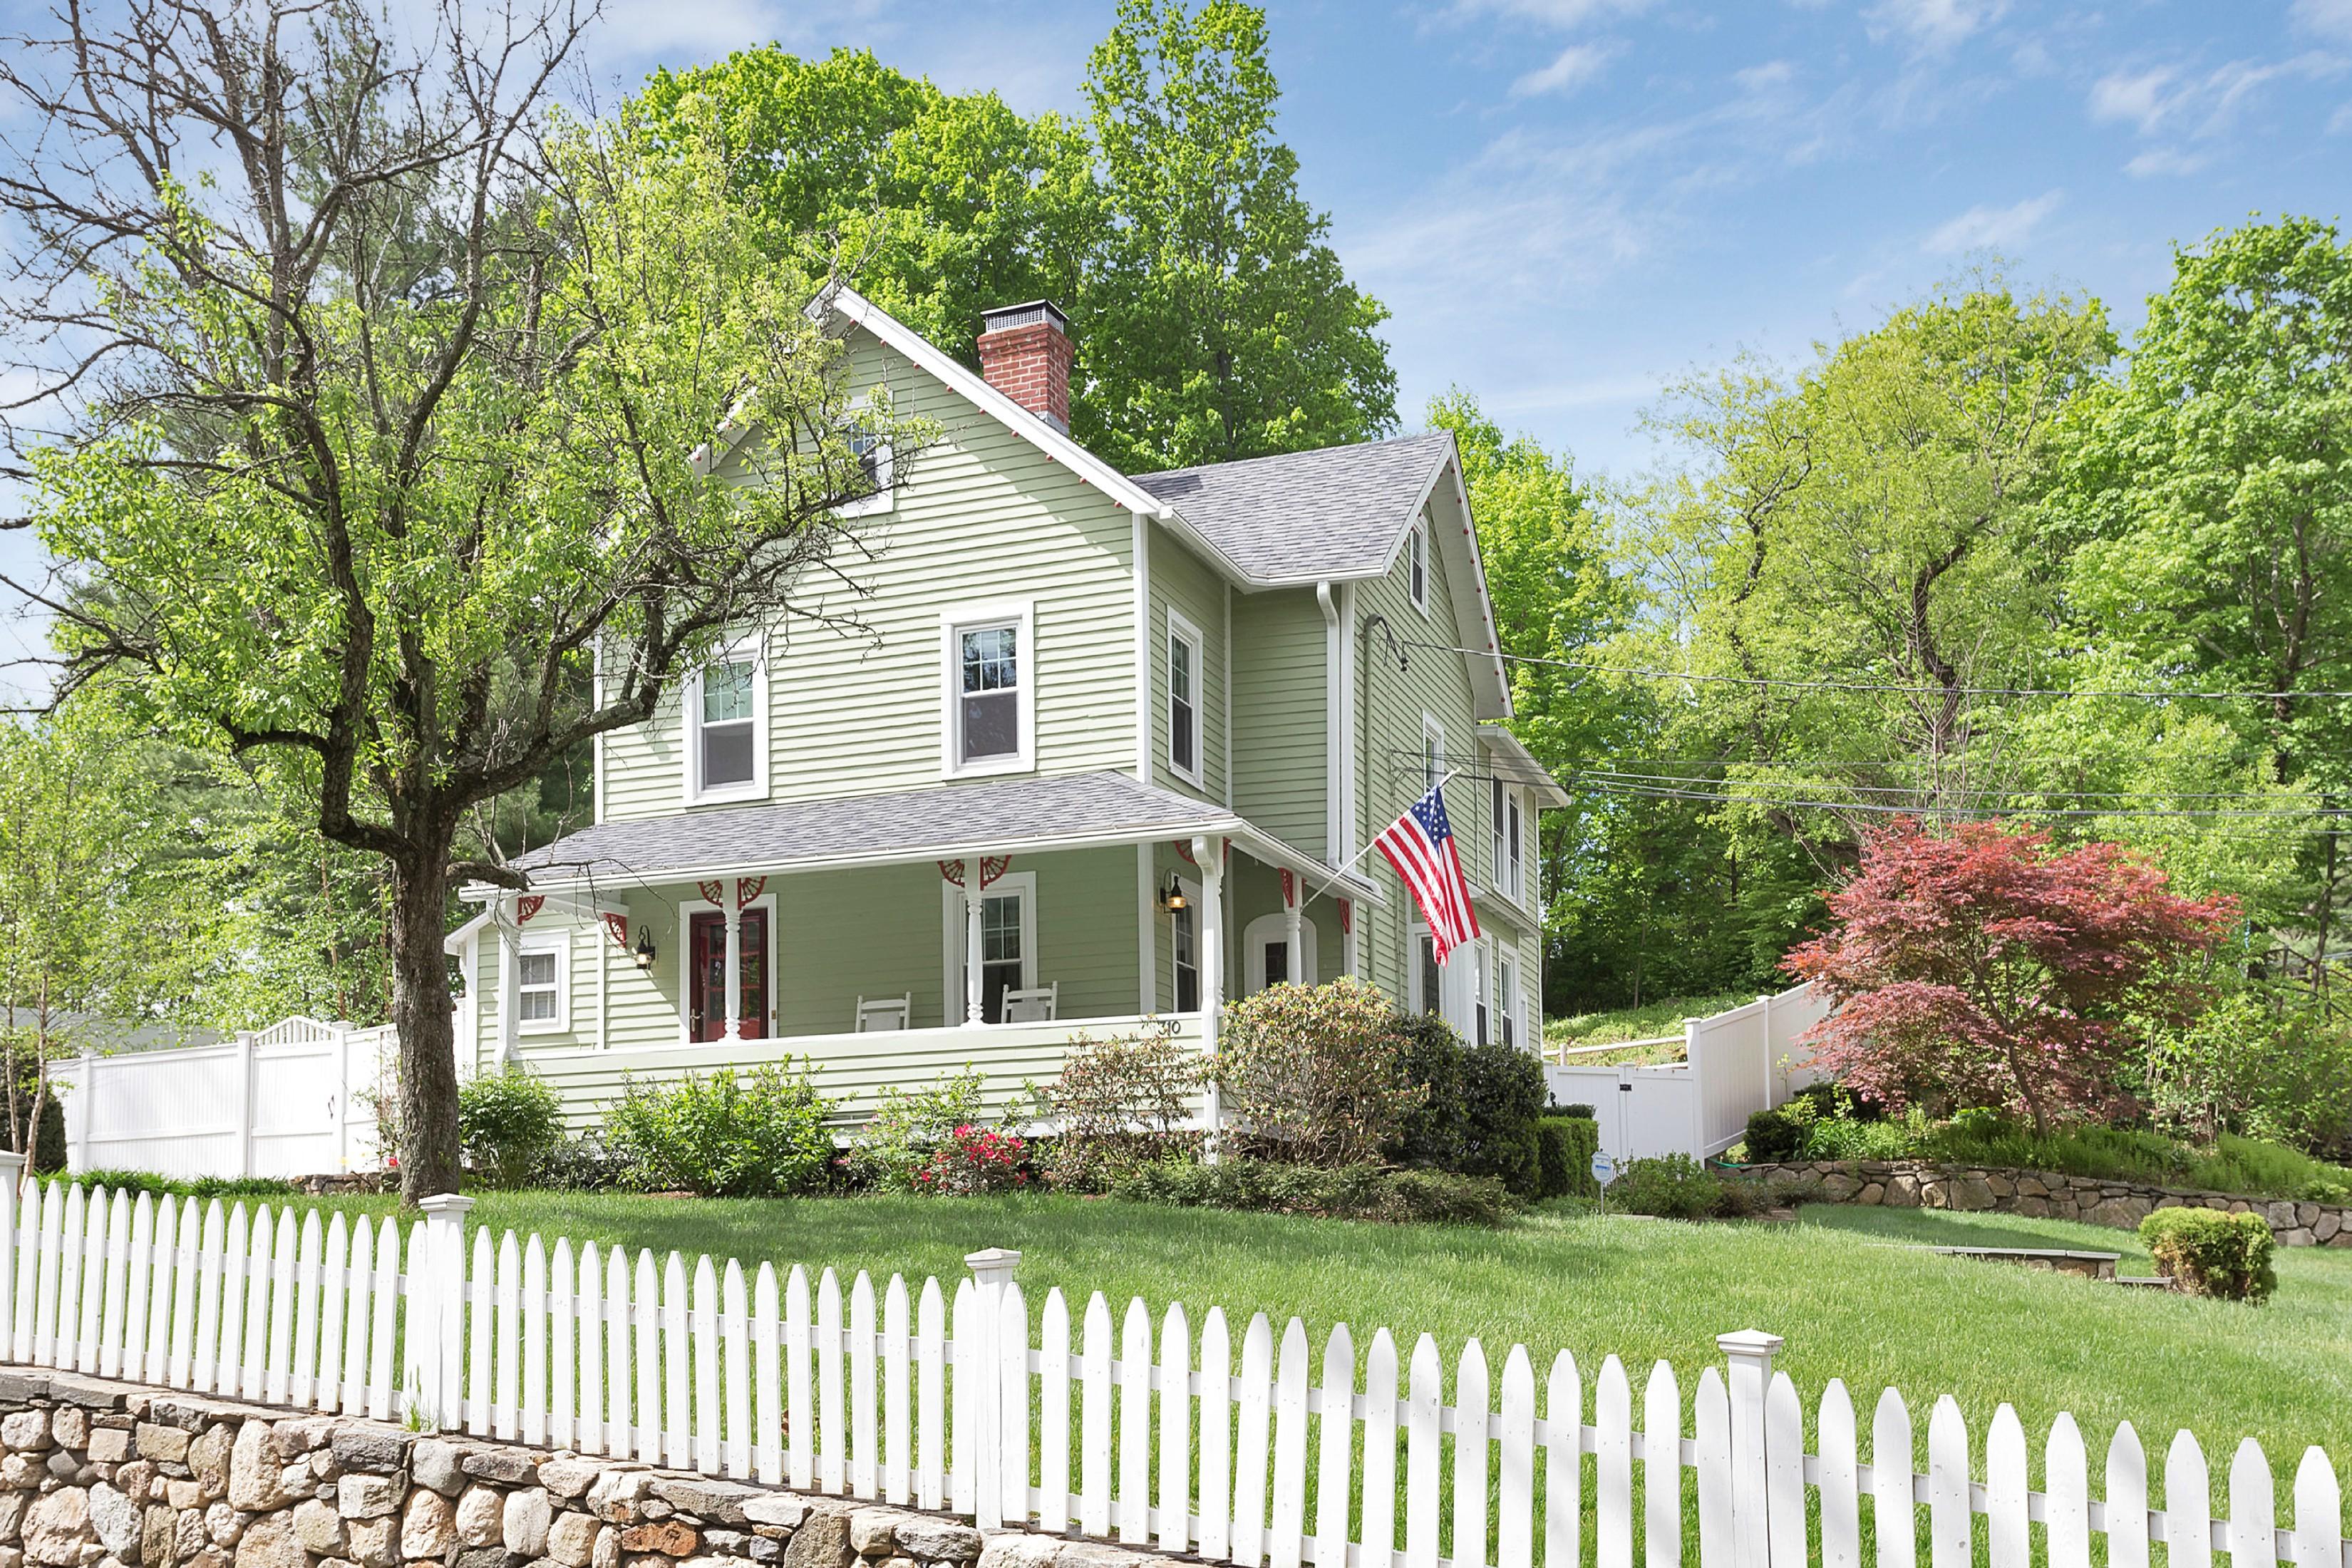 Частный односемейный дом для того Продажа на Enchantingly Victorian 310 Flax Hill Road Norwalk, Коннектикут 06854 Соединенные Штаты